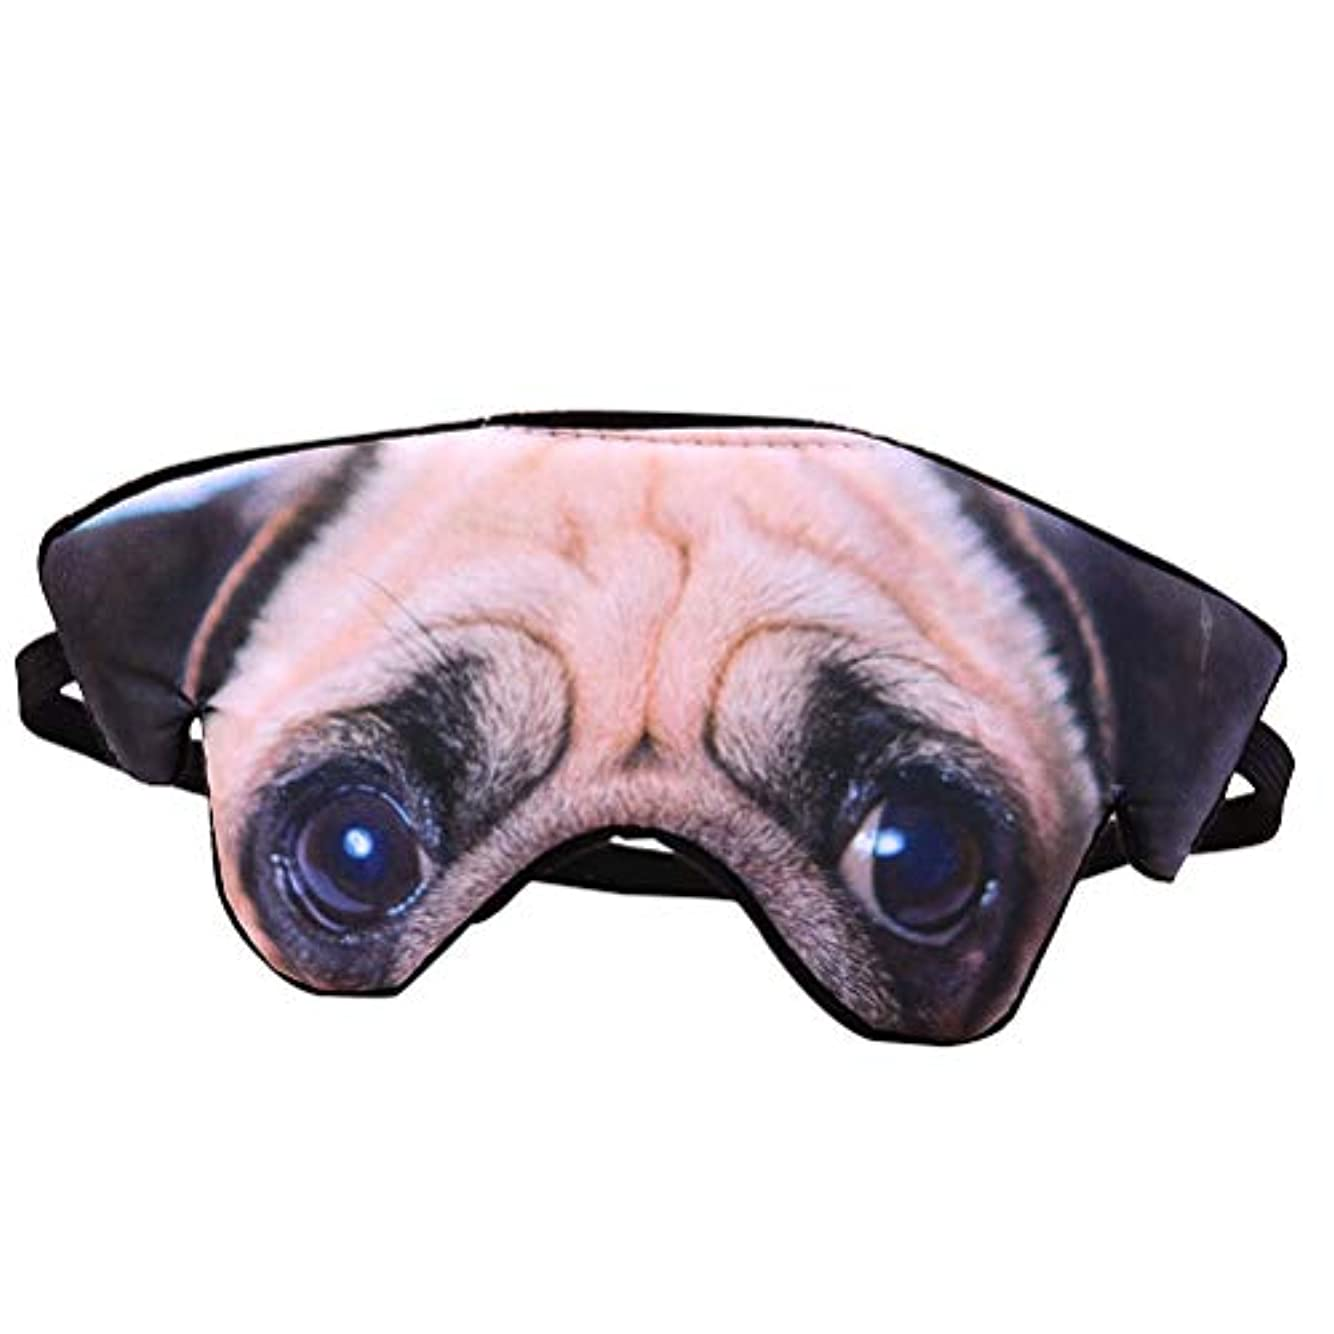 作り上げるシビックスナックHEALIFTY 睡眠目隠し3D犬のパターンアイマスクファニーシェードナップカバー目隠し睡眠マスク目の眠りゴーグル(Pug)